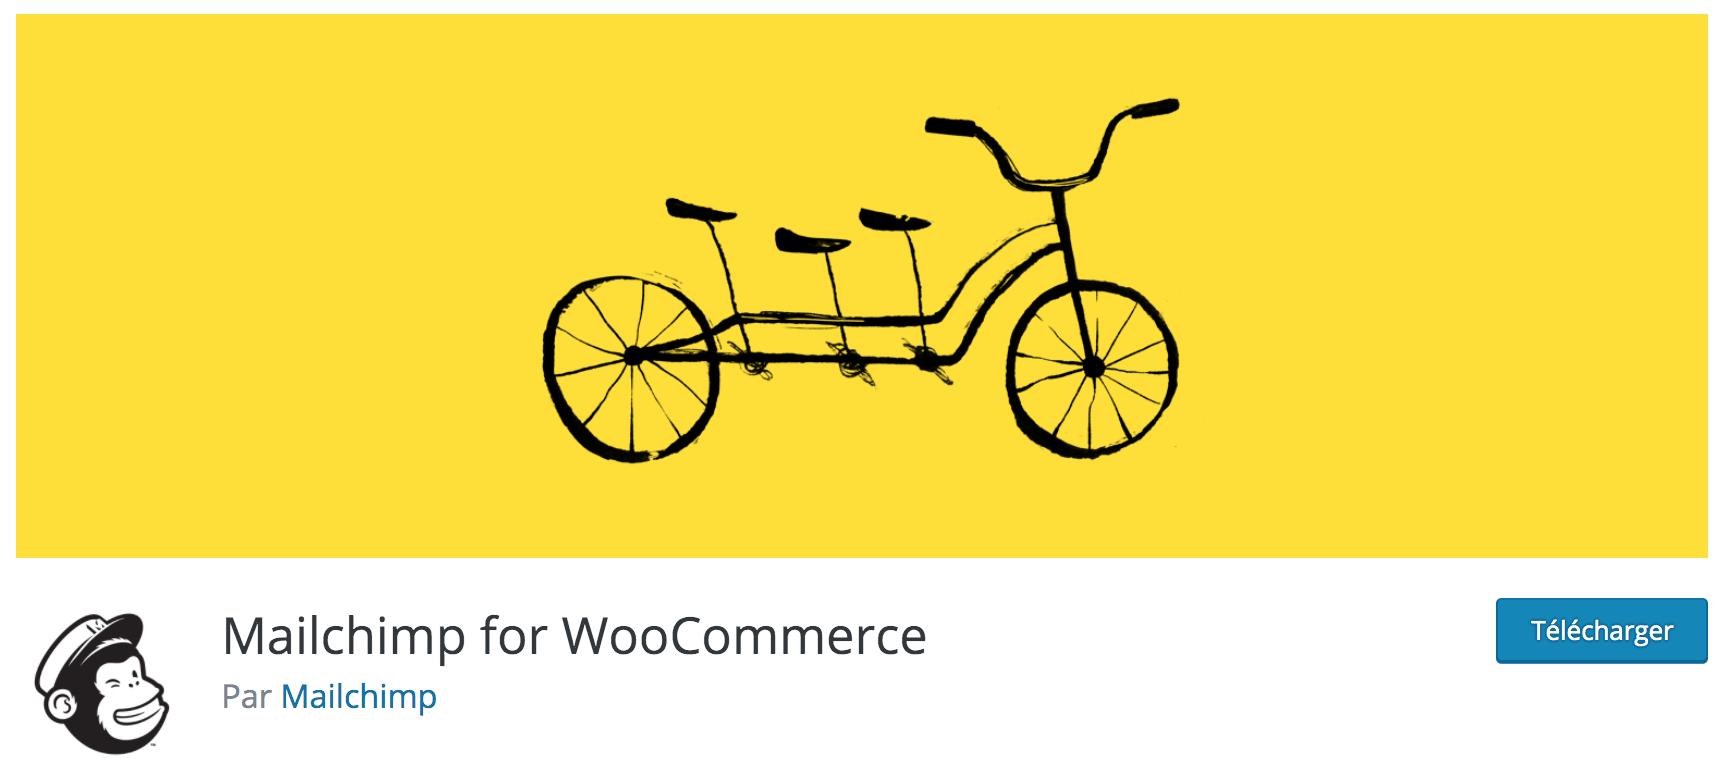 Notre avis sur MailChimp for WooCommerce meilleur plugin gratuit pour capturer vos leads et envoyer des newsletters à vos clients WooCommerce